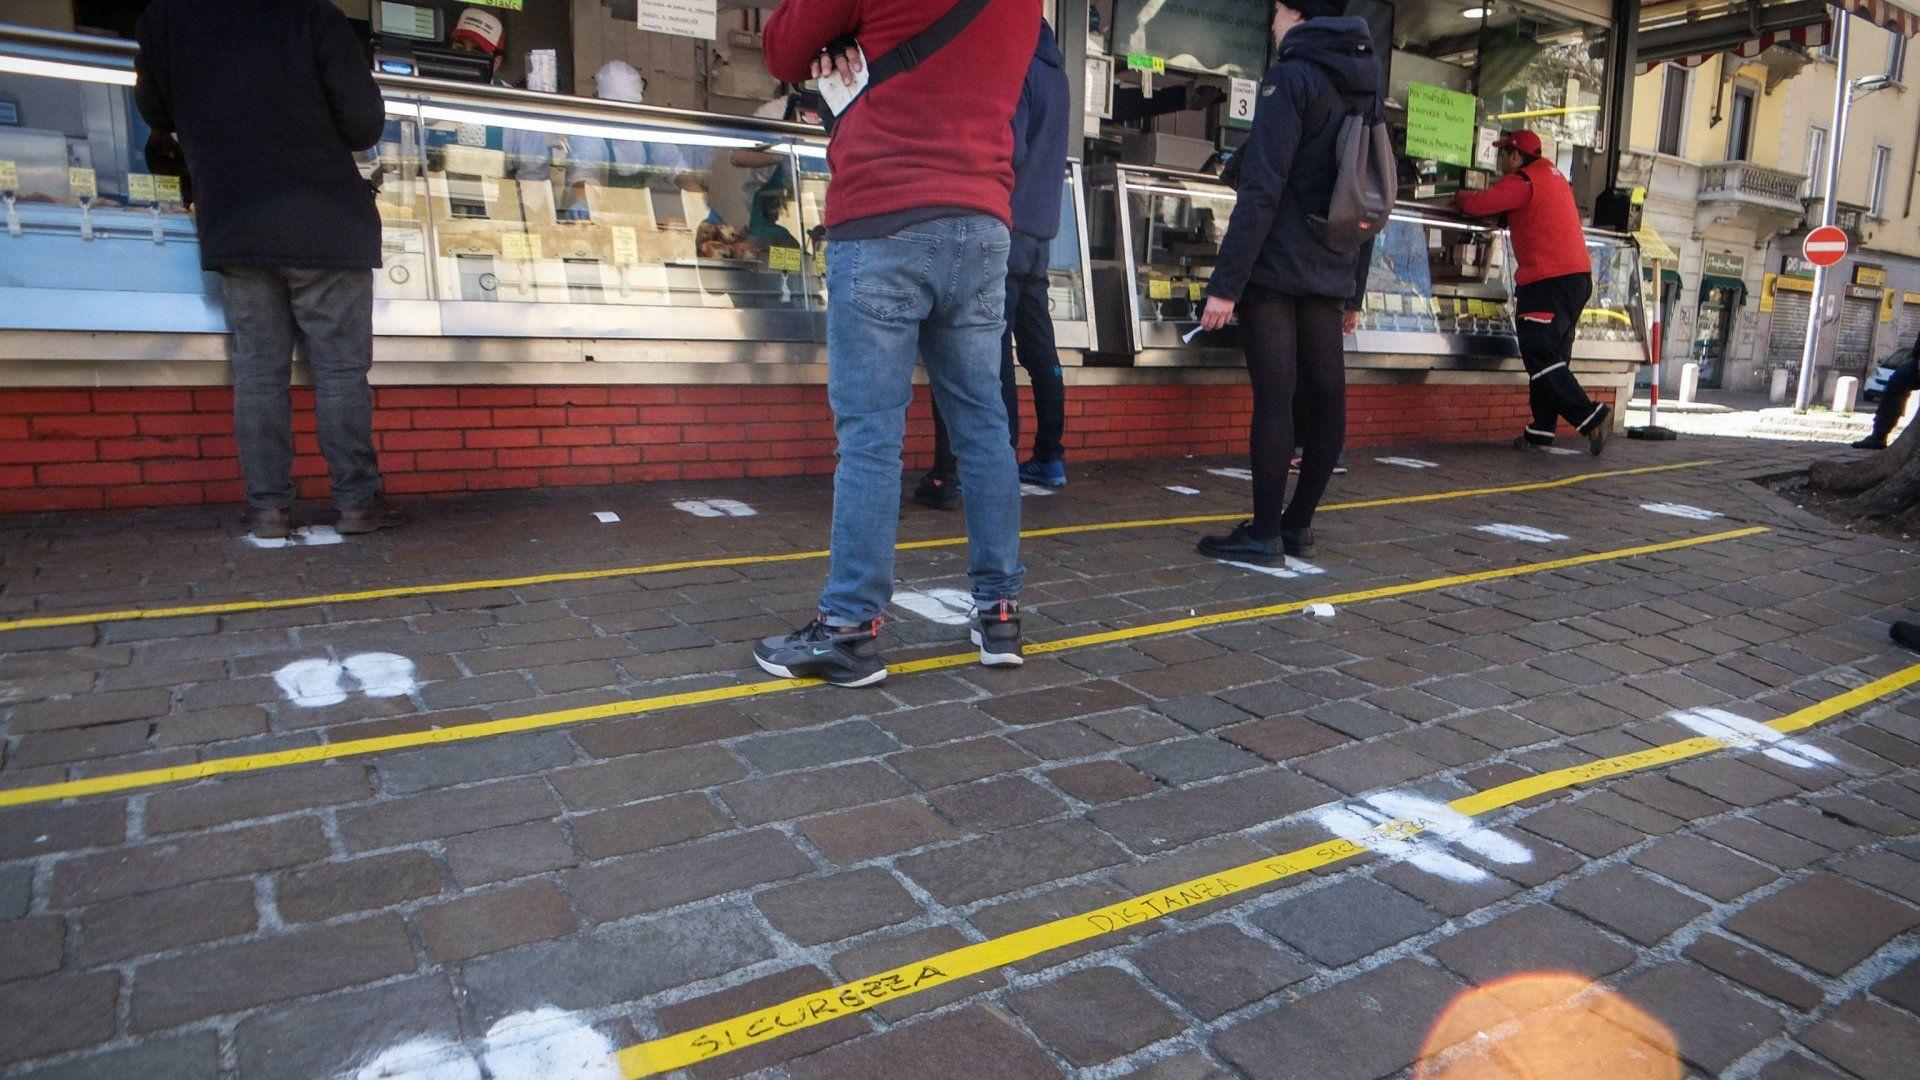 Járdára festett vonalak és lábnyomok jelzik a sorban álló emberek számára a koronavírus-fertőzés megelőzéséhez szükséges biztonságos távolságot egy milánói utcai étkezde előtt 2020. március 11-én (Fotó: MTI/EPA/ANSA/Matteo Corner)